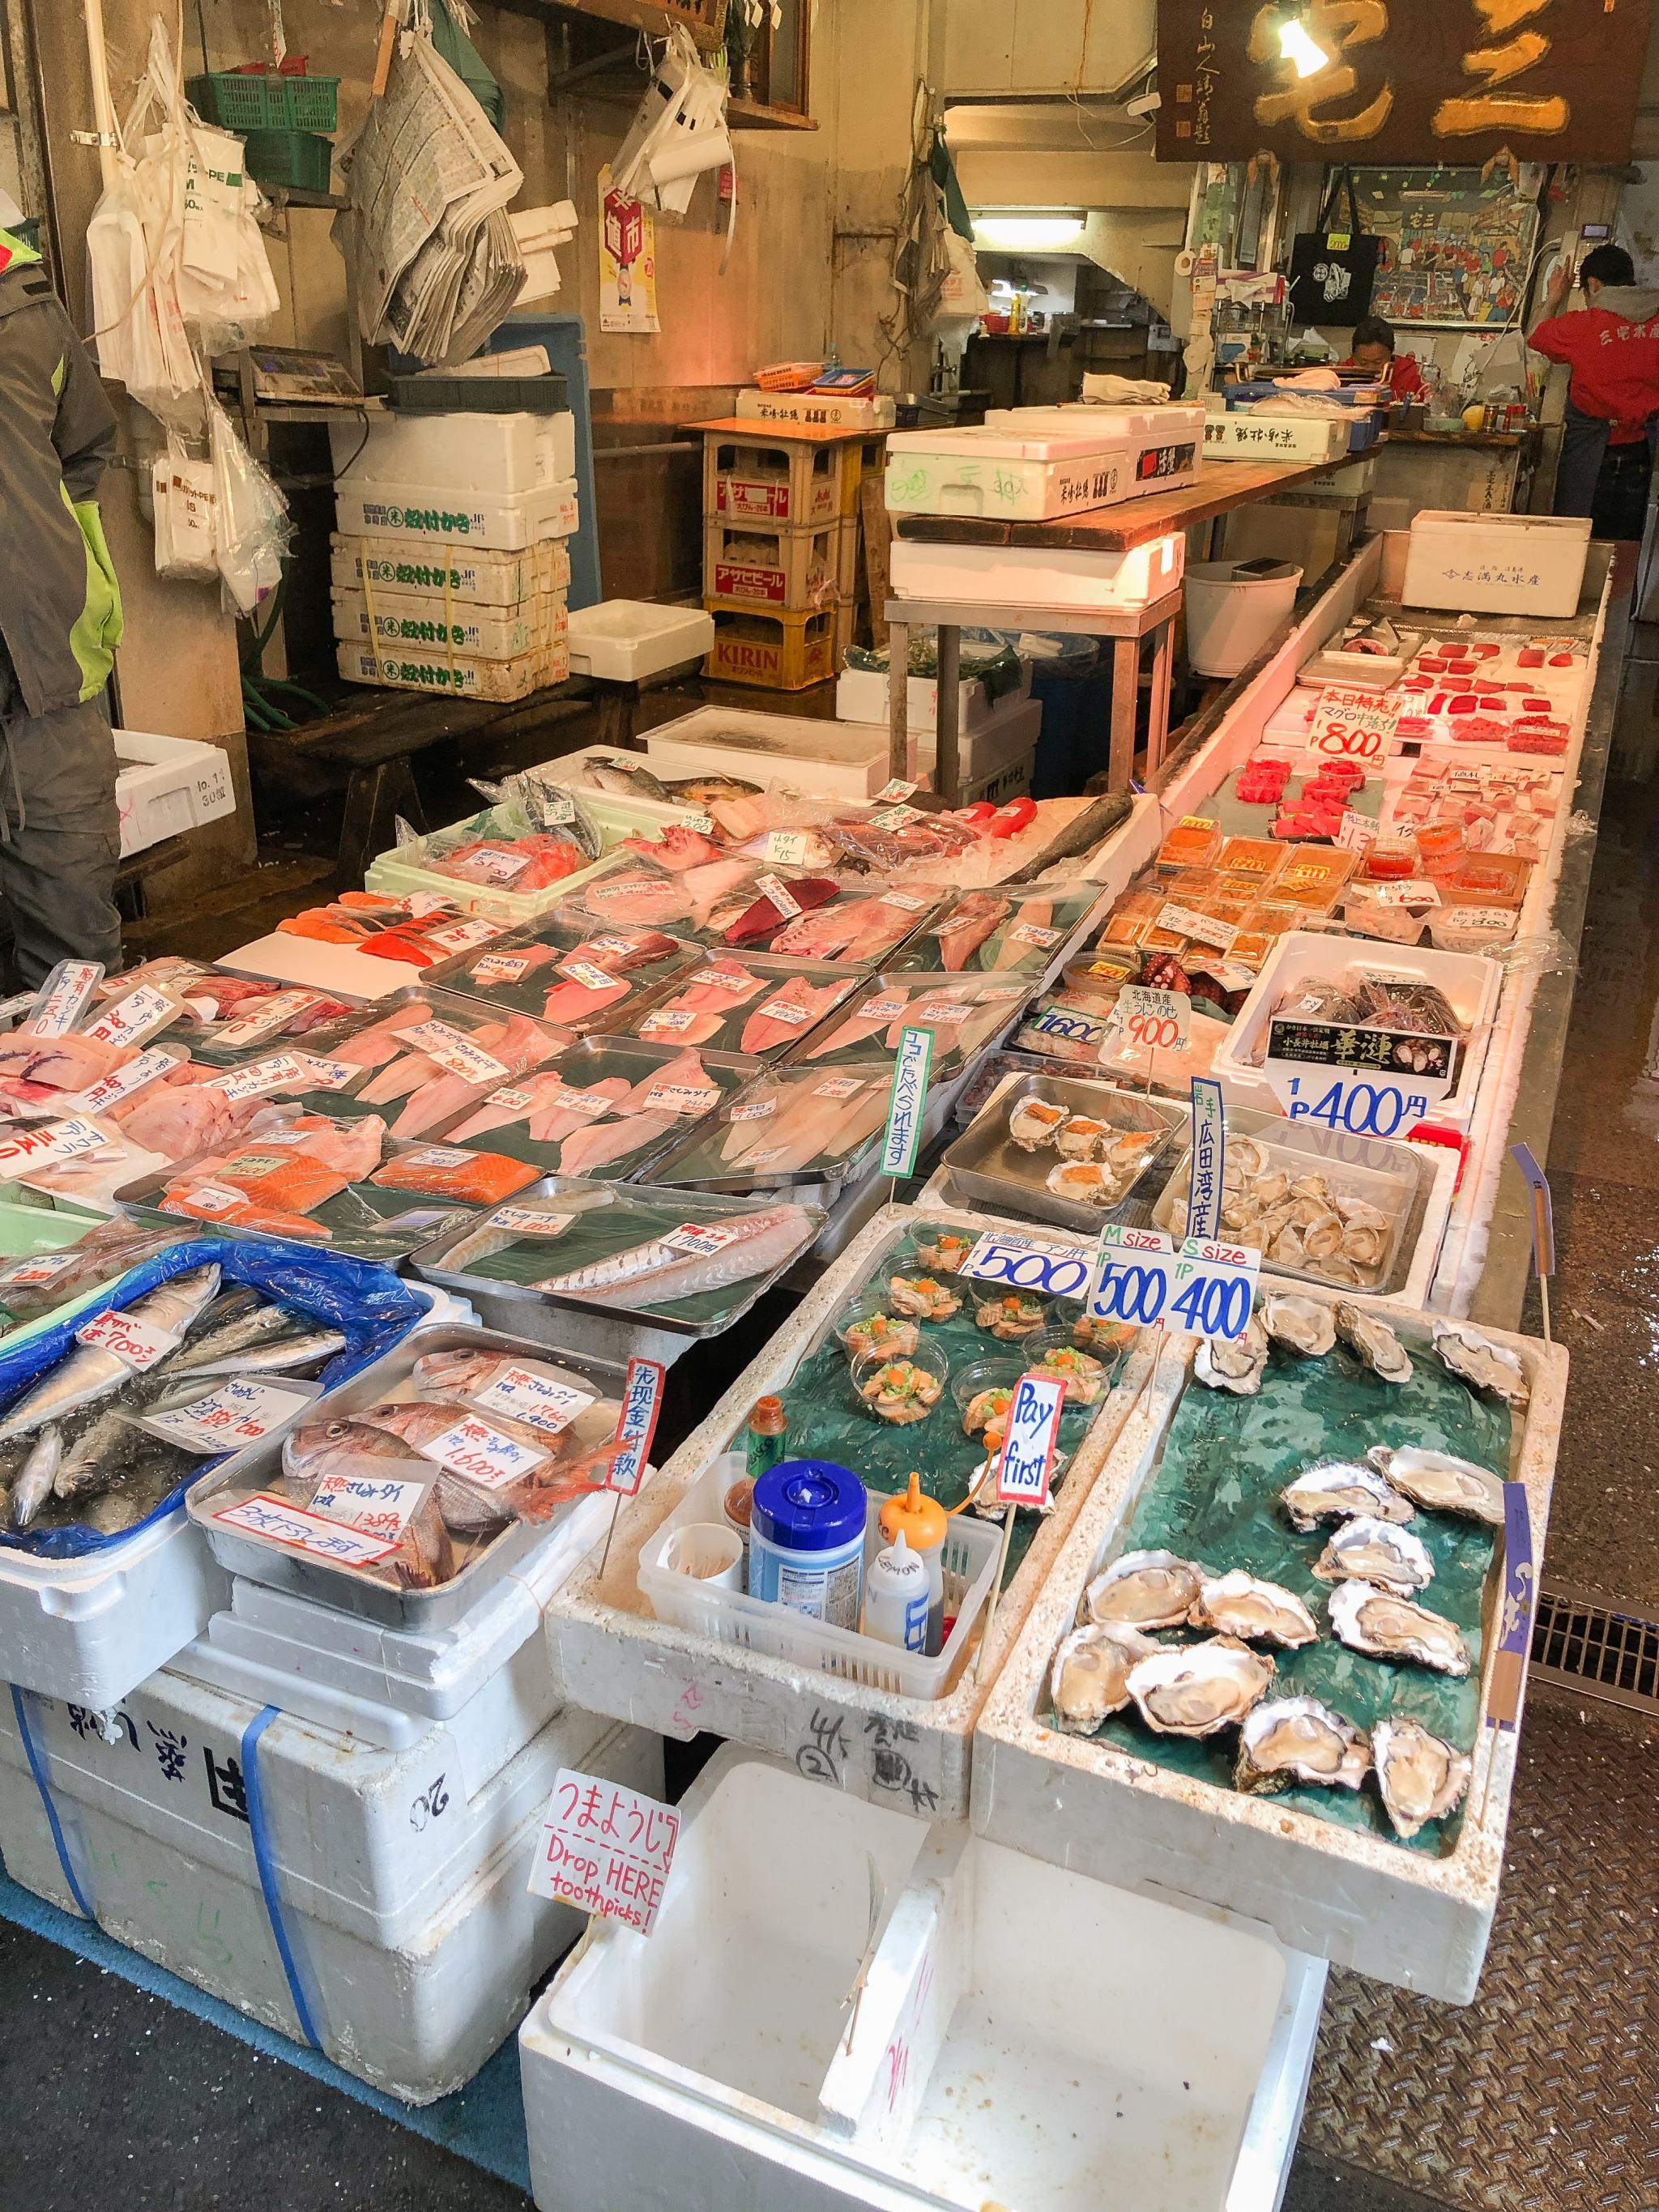 Tsuki ji fish market - fish market in Tokyo - Tokyo fish market - Tokyo fresh seafood - things to see in Tokyo - Tokyo sightseeing